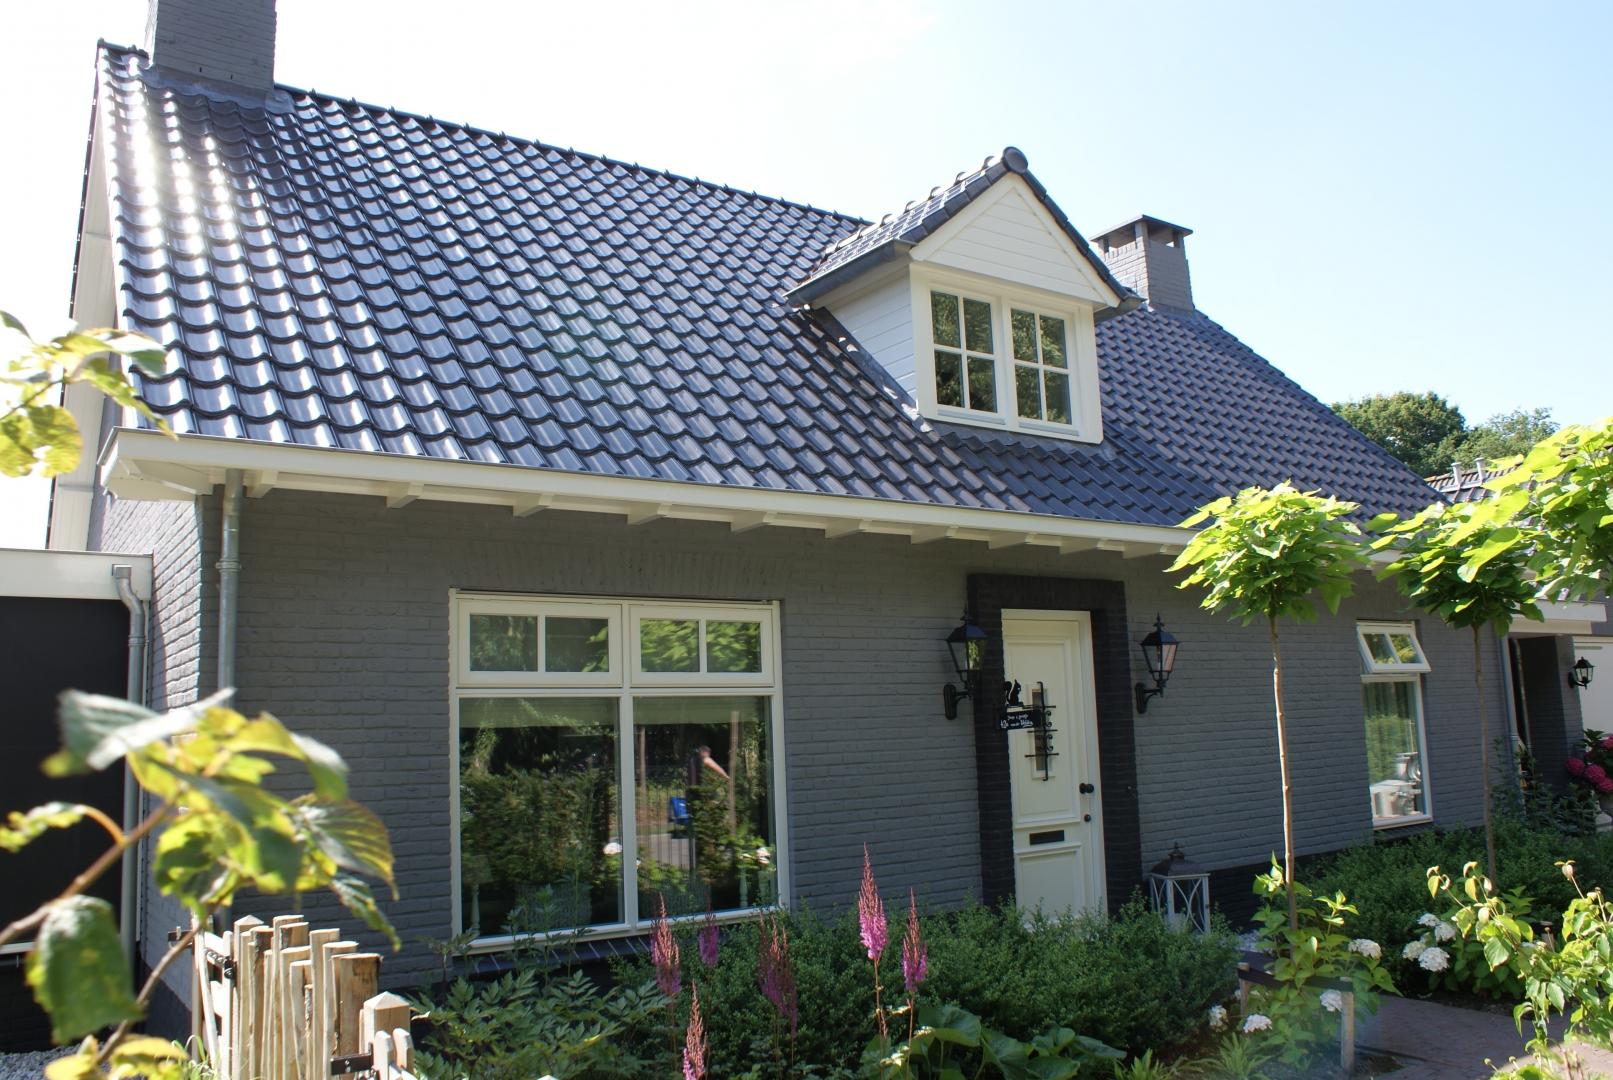 Bouw van een prachtig vrijstaand woonhuis aan de Bosrand in Putten